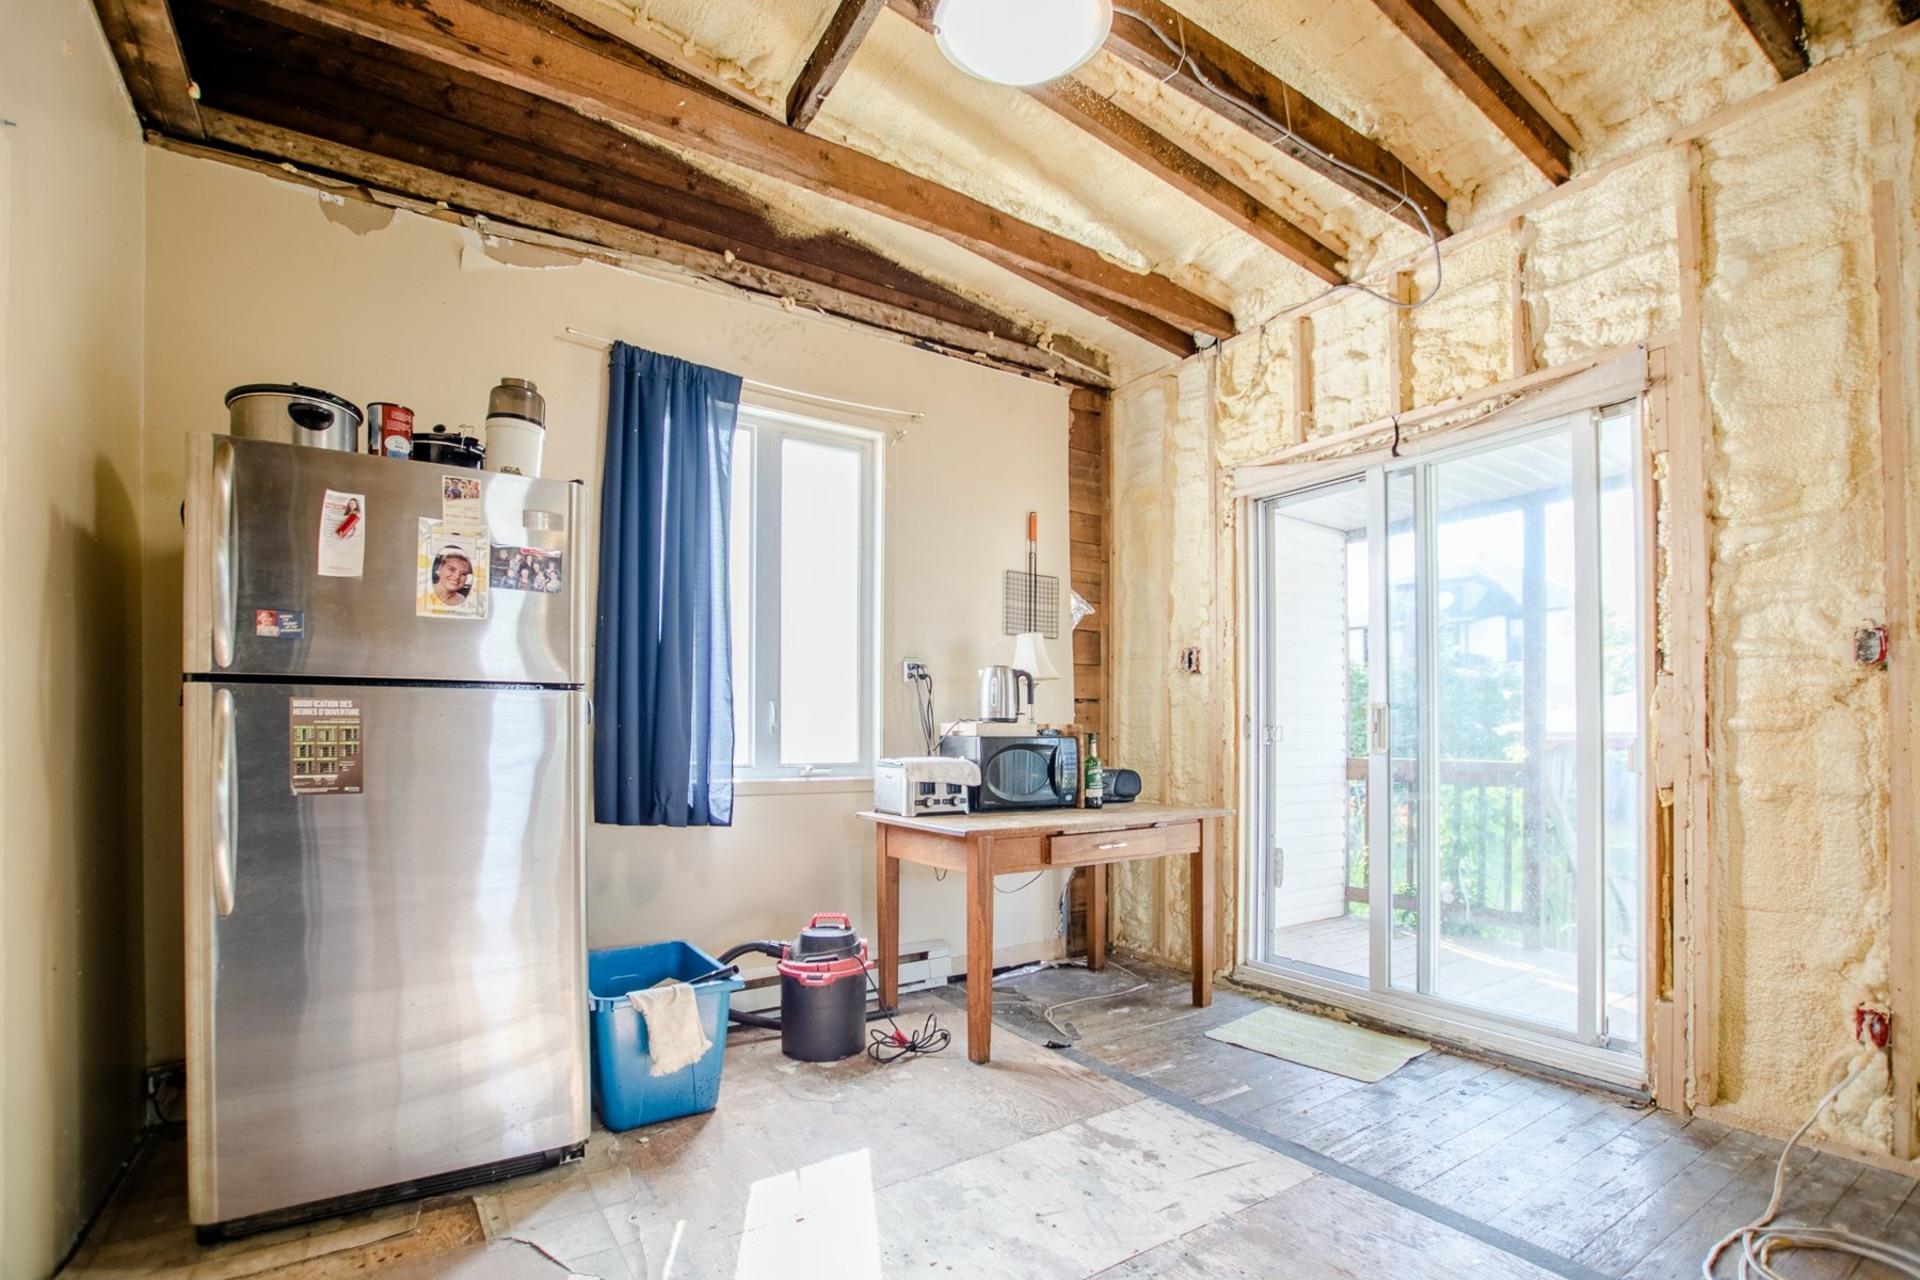 image 7 - Maison À vendre Beauharnois - 9 pièces